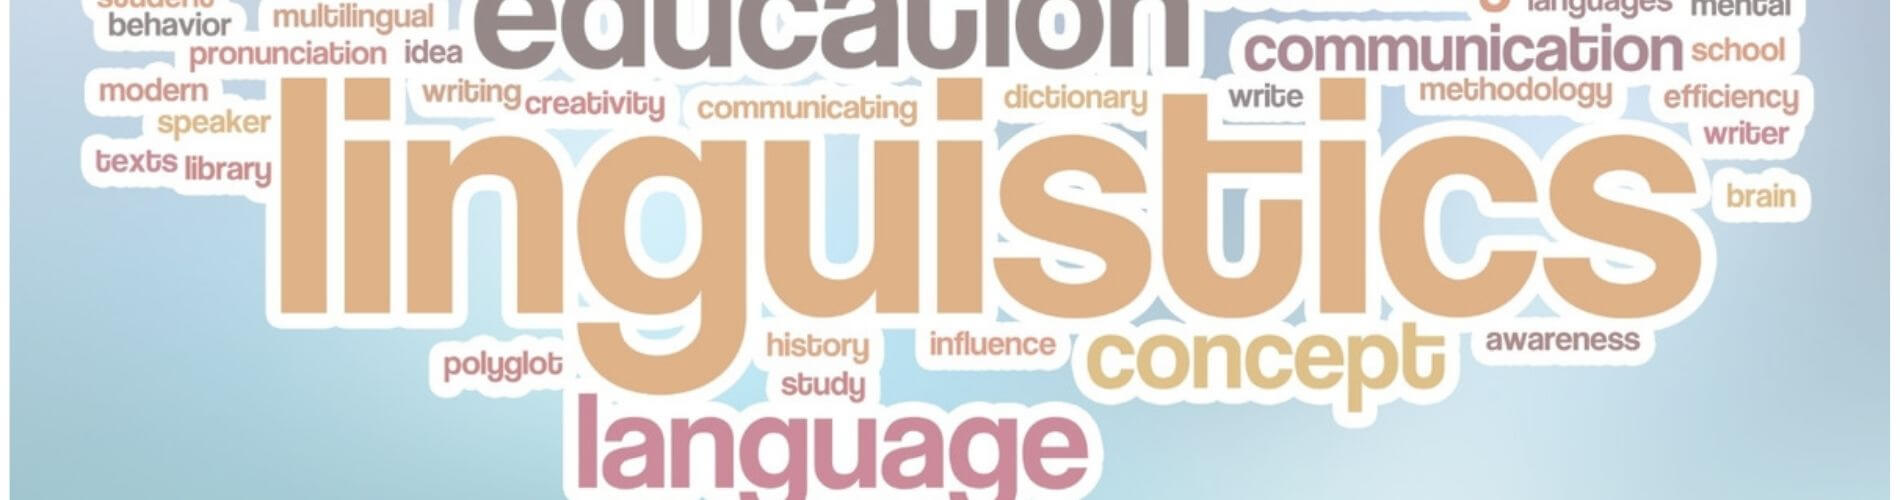 La inteligencia lingüística: ¿se te da bien persuadir hablando o escribiendo?